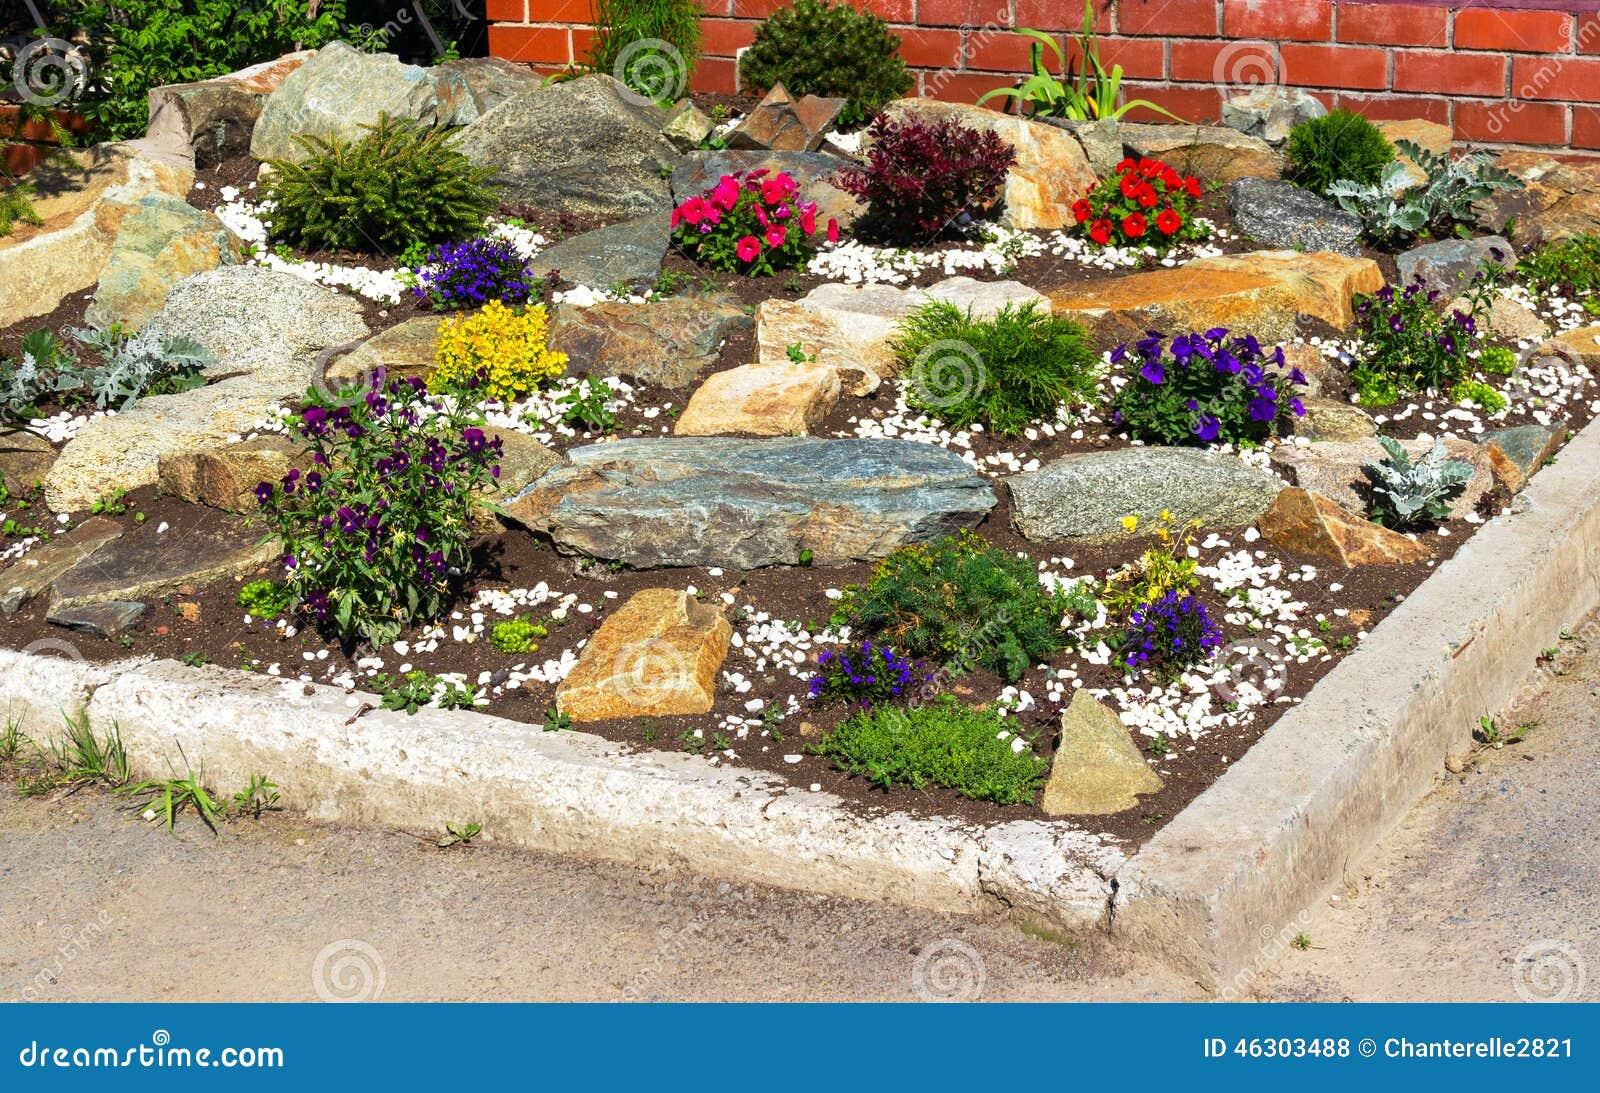 bettblumen und steine stockfoto bild von dekor gras 46303488. Black Bedroom Furniture Sets. Home Design Ideas